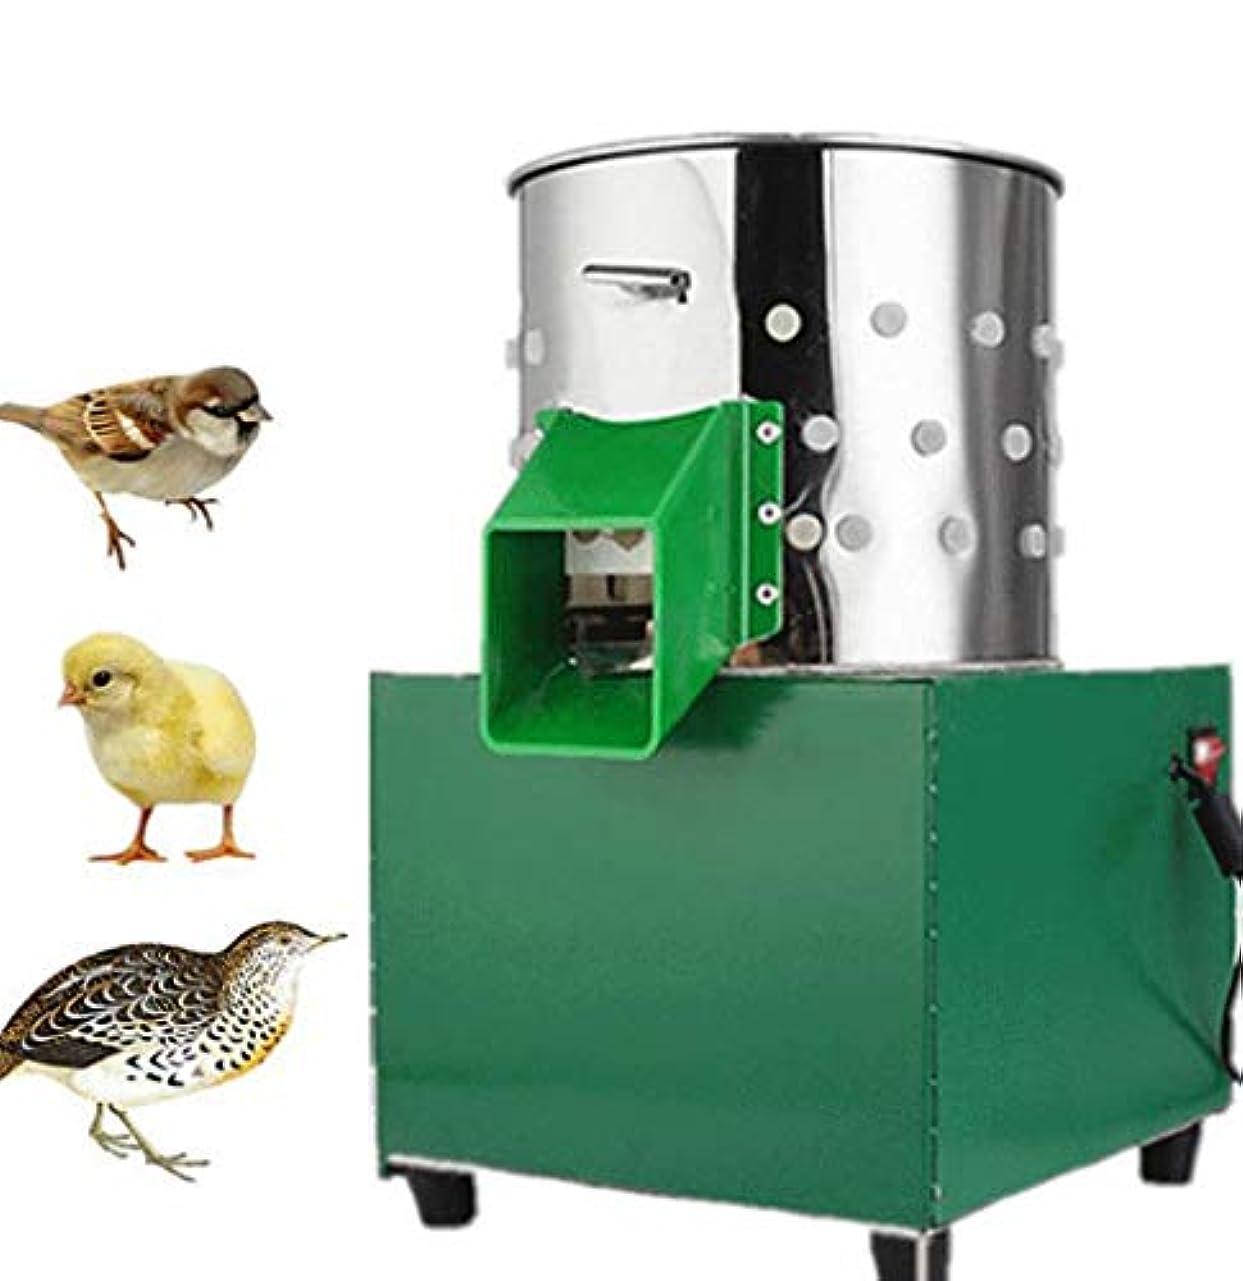 発信十分にマット100-240V電気鶏鳩羽摘採機脱毛器小型プラッカー家禽脱毛機